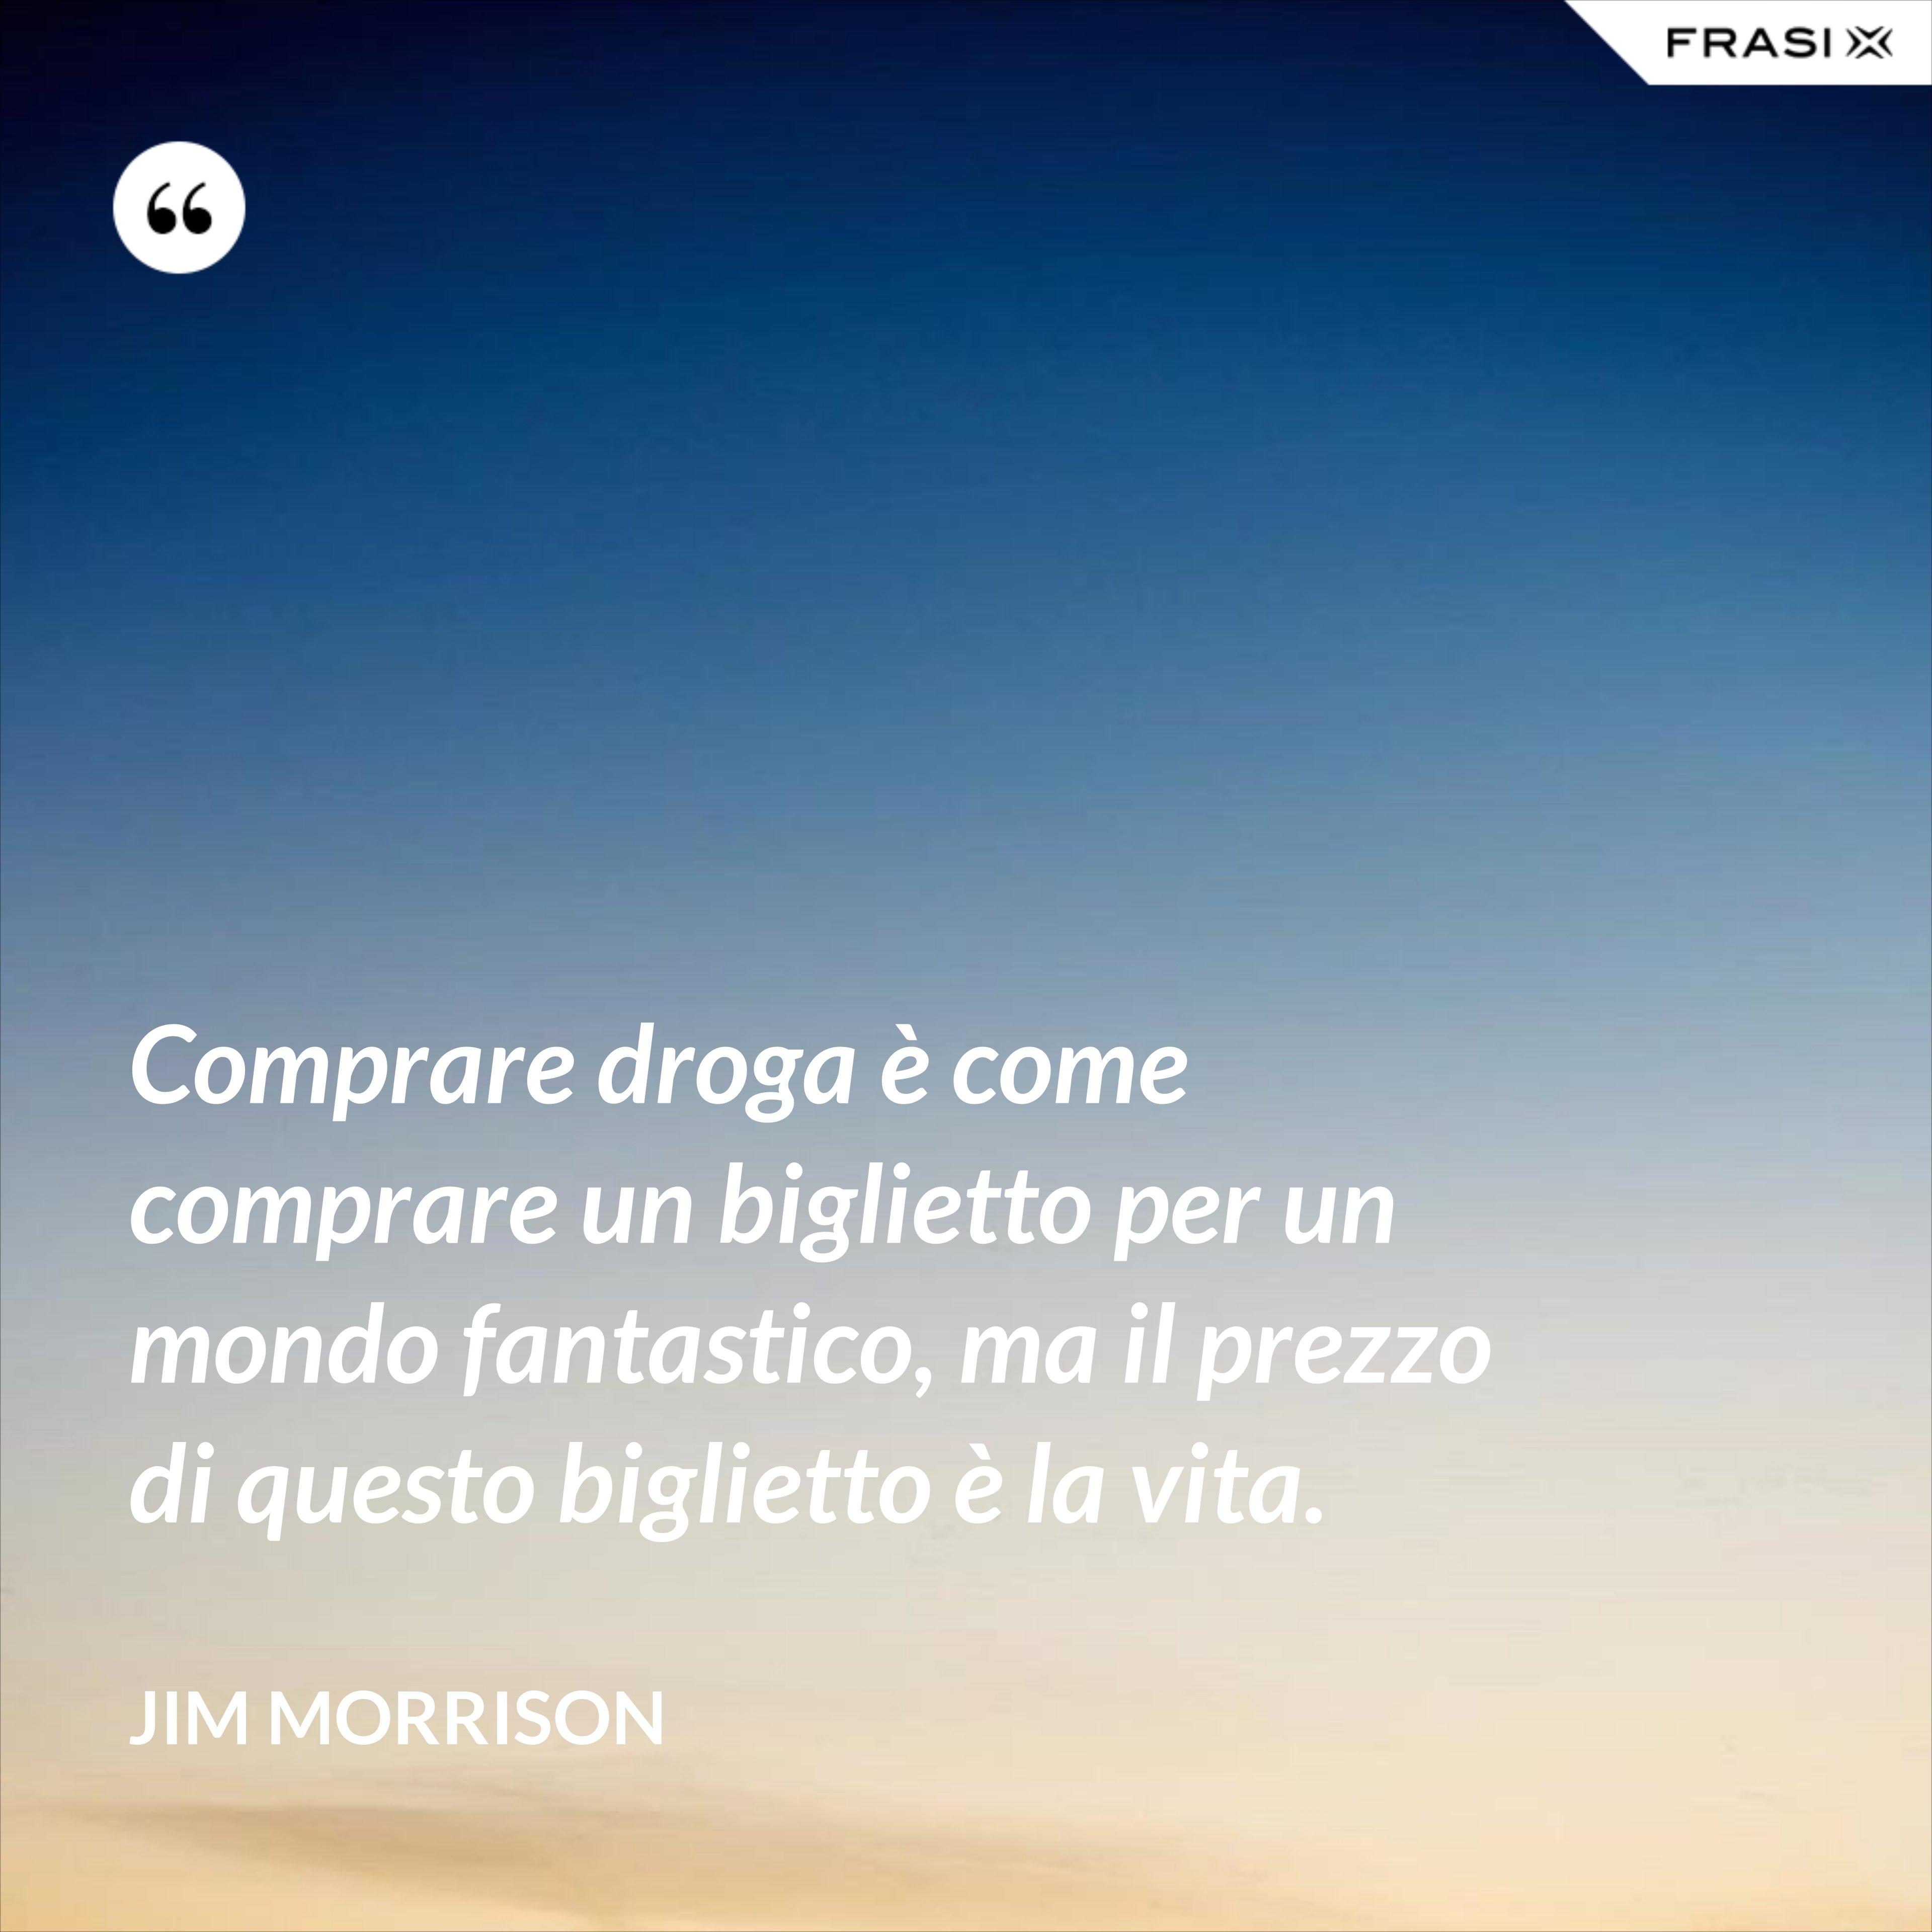 Comprare droga è come comprare un biglietto per un mondo fantastico, ma il prezzo di questo biglietto è la vita. - Jim Morrison